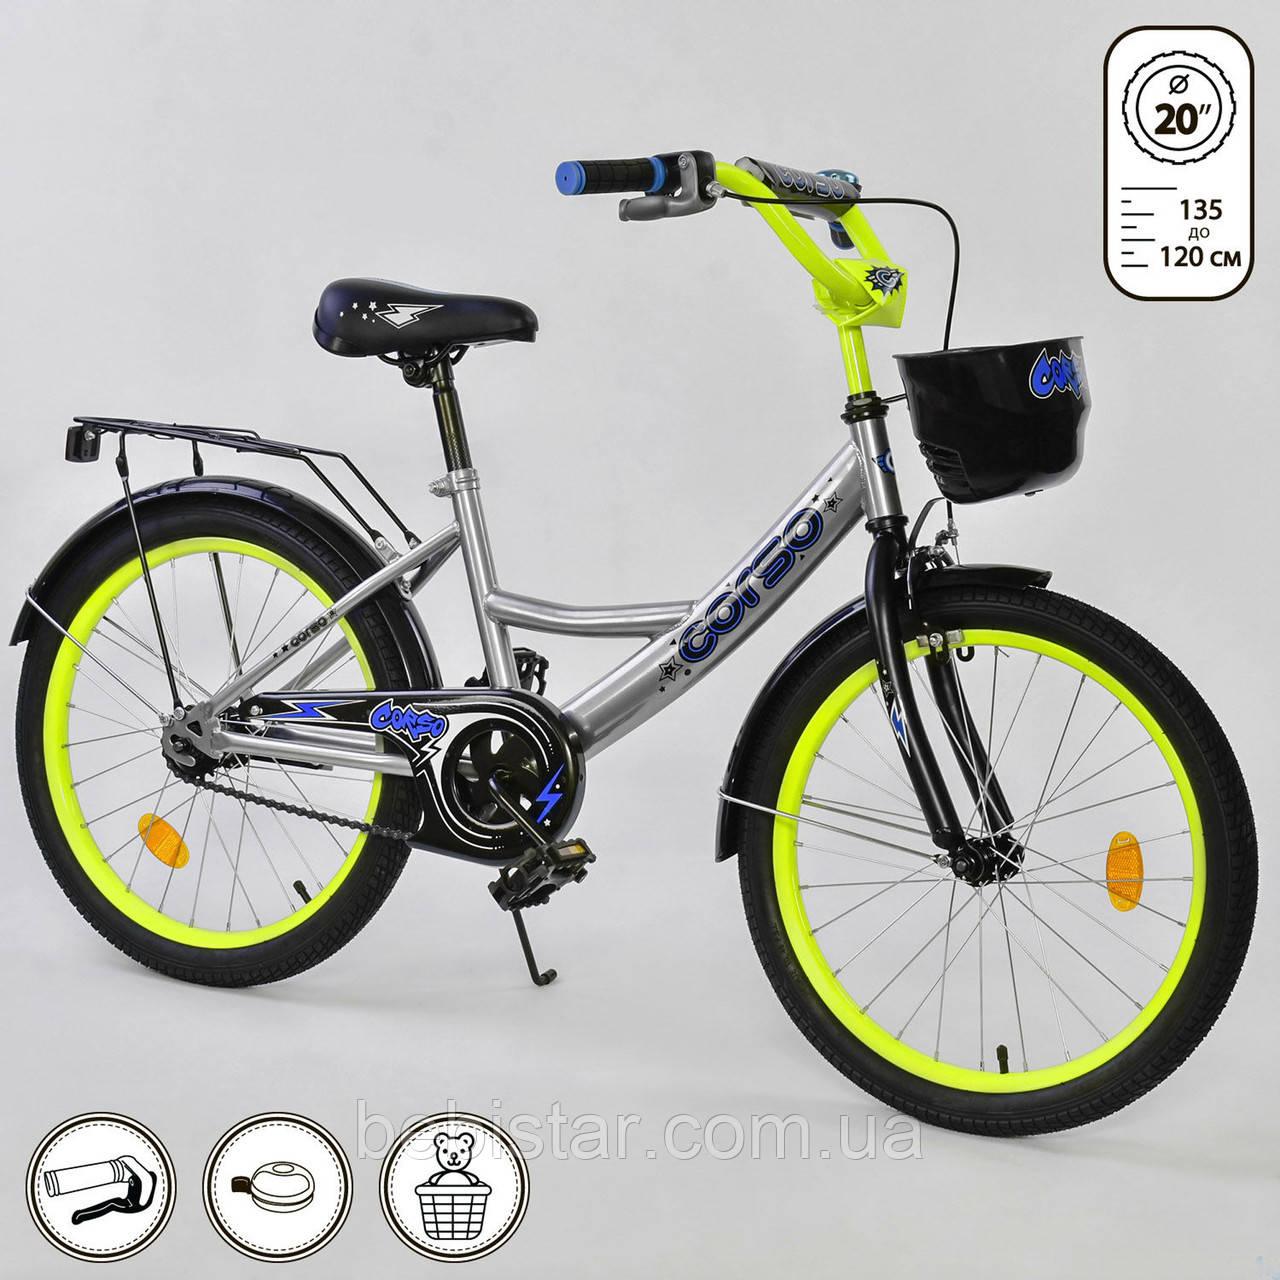 """Дитячий двоколісний велосипед срібний, підніжка, ручне гальмо Corso 20"""" дітям 6-9 років"""